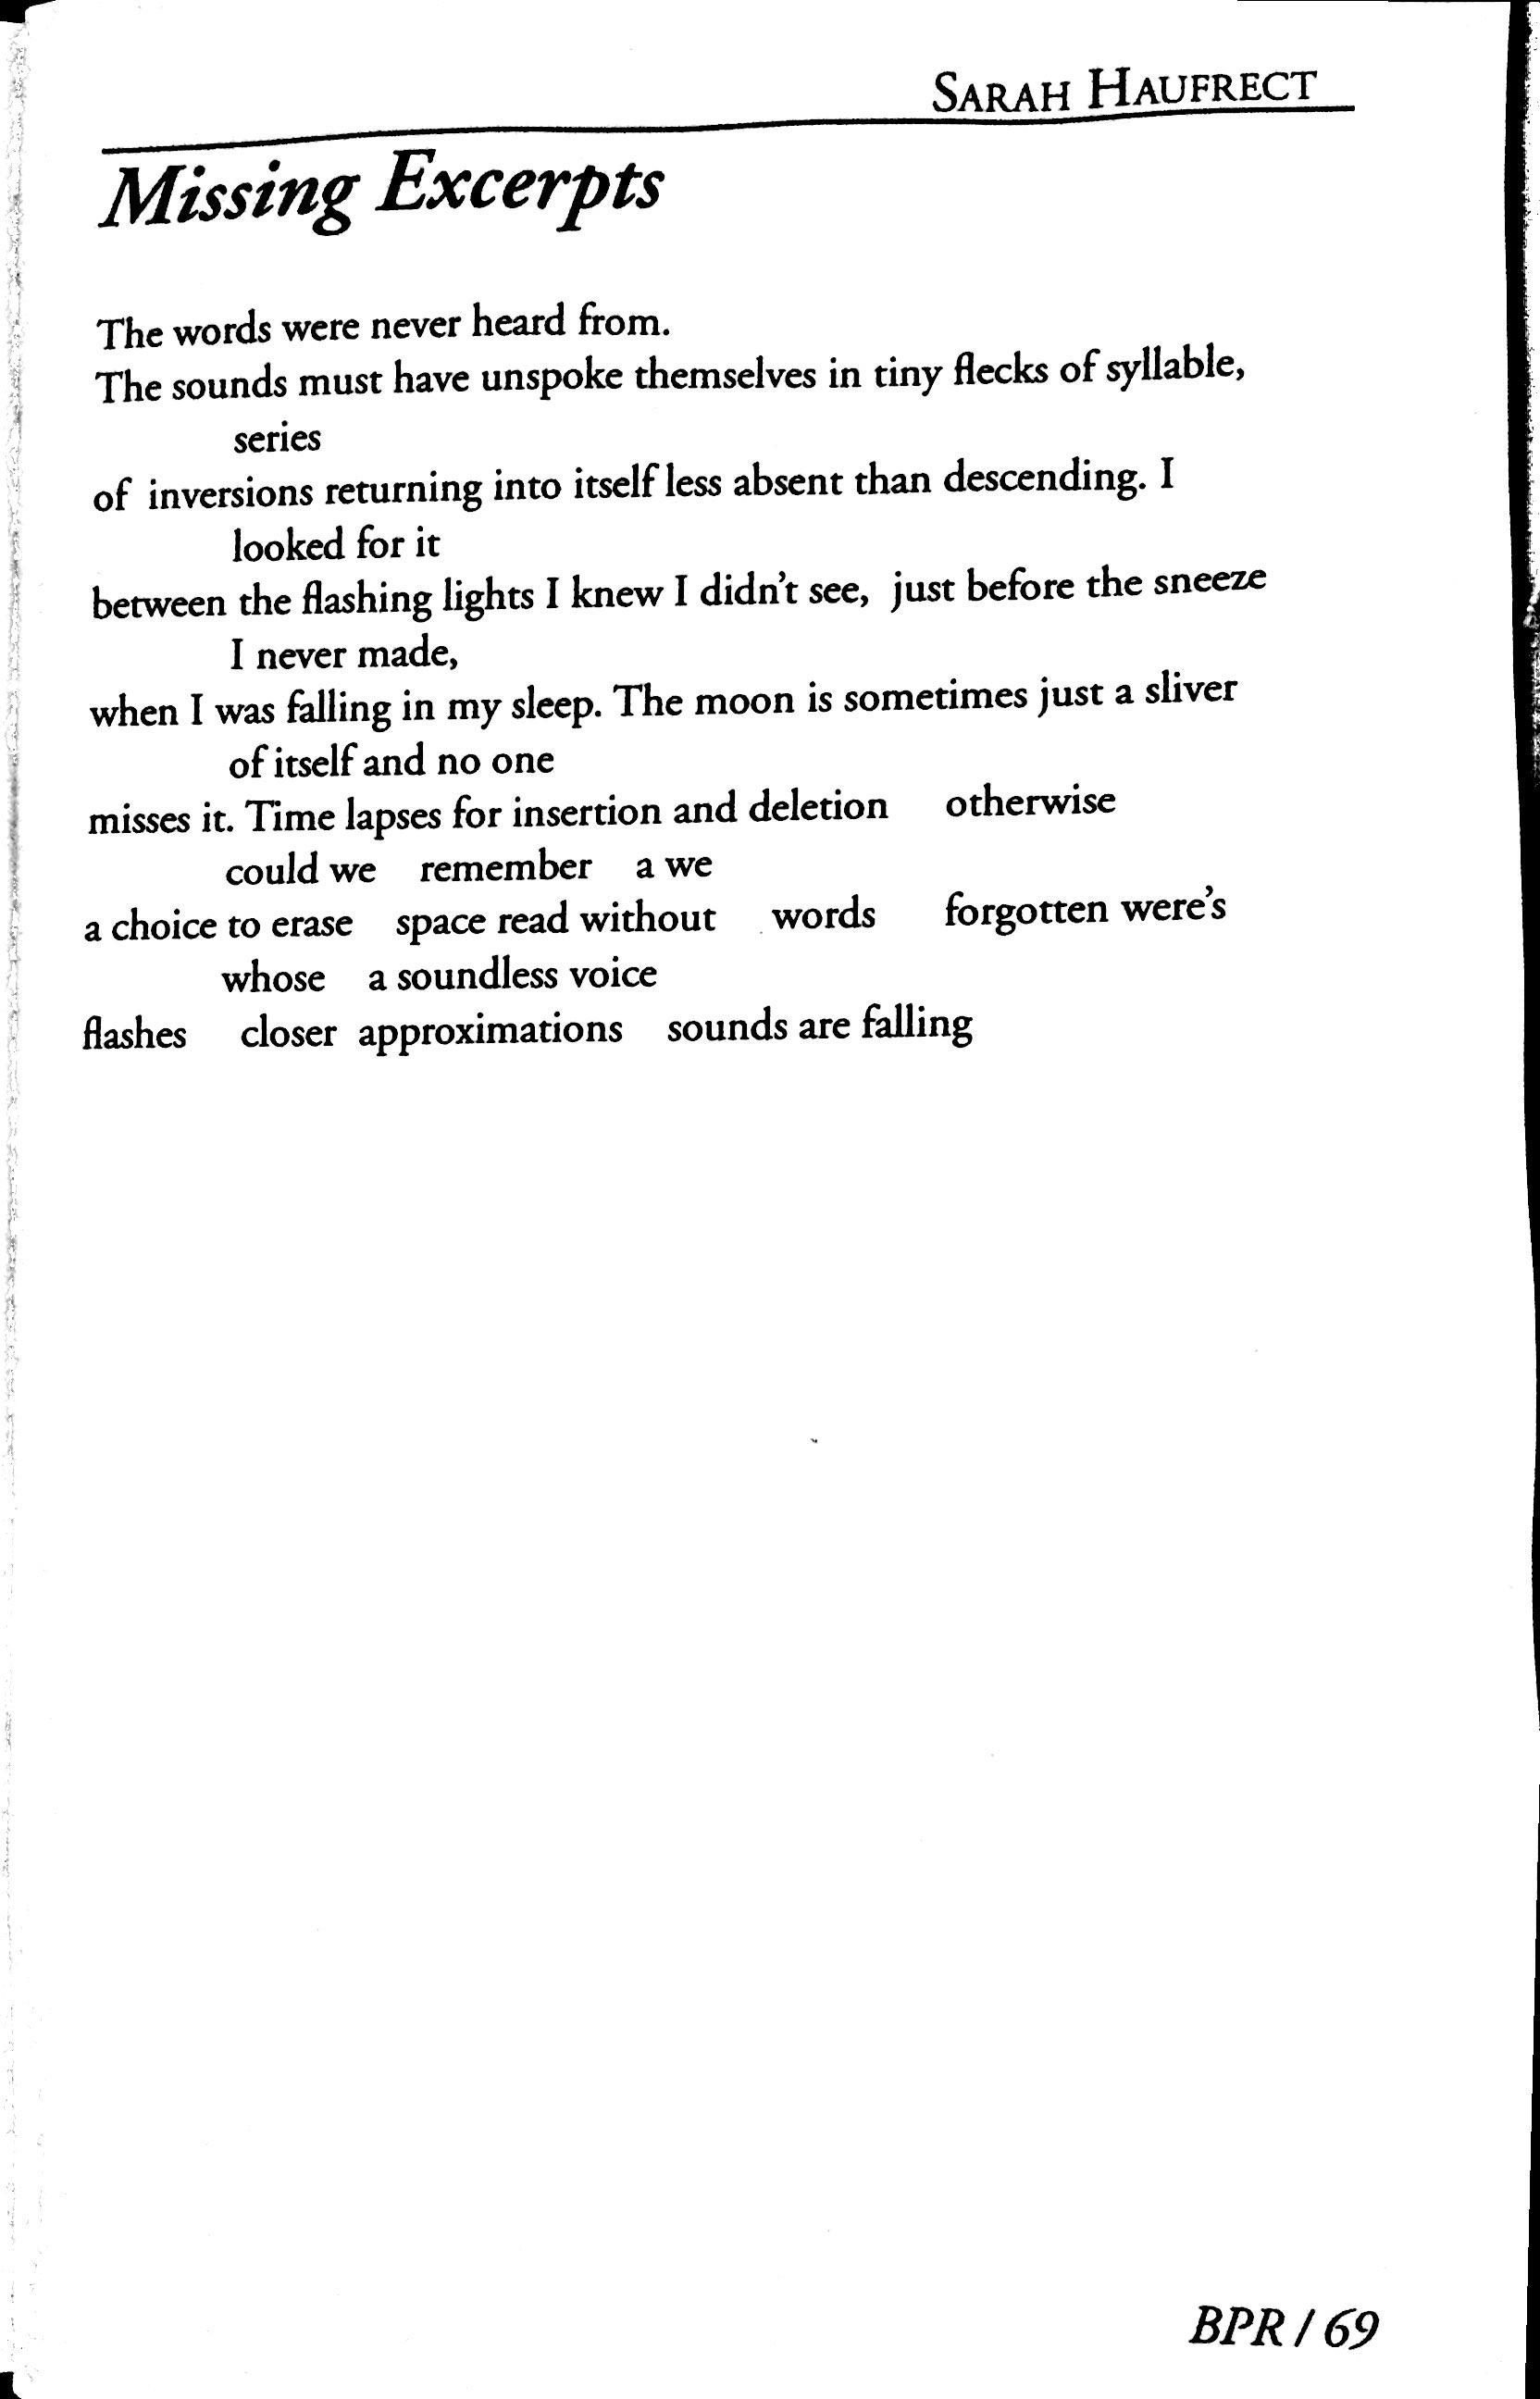 Sarah_Haufrect_Missing Excerpts.jpg